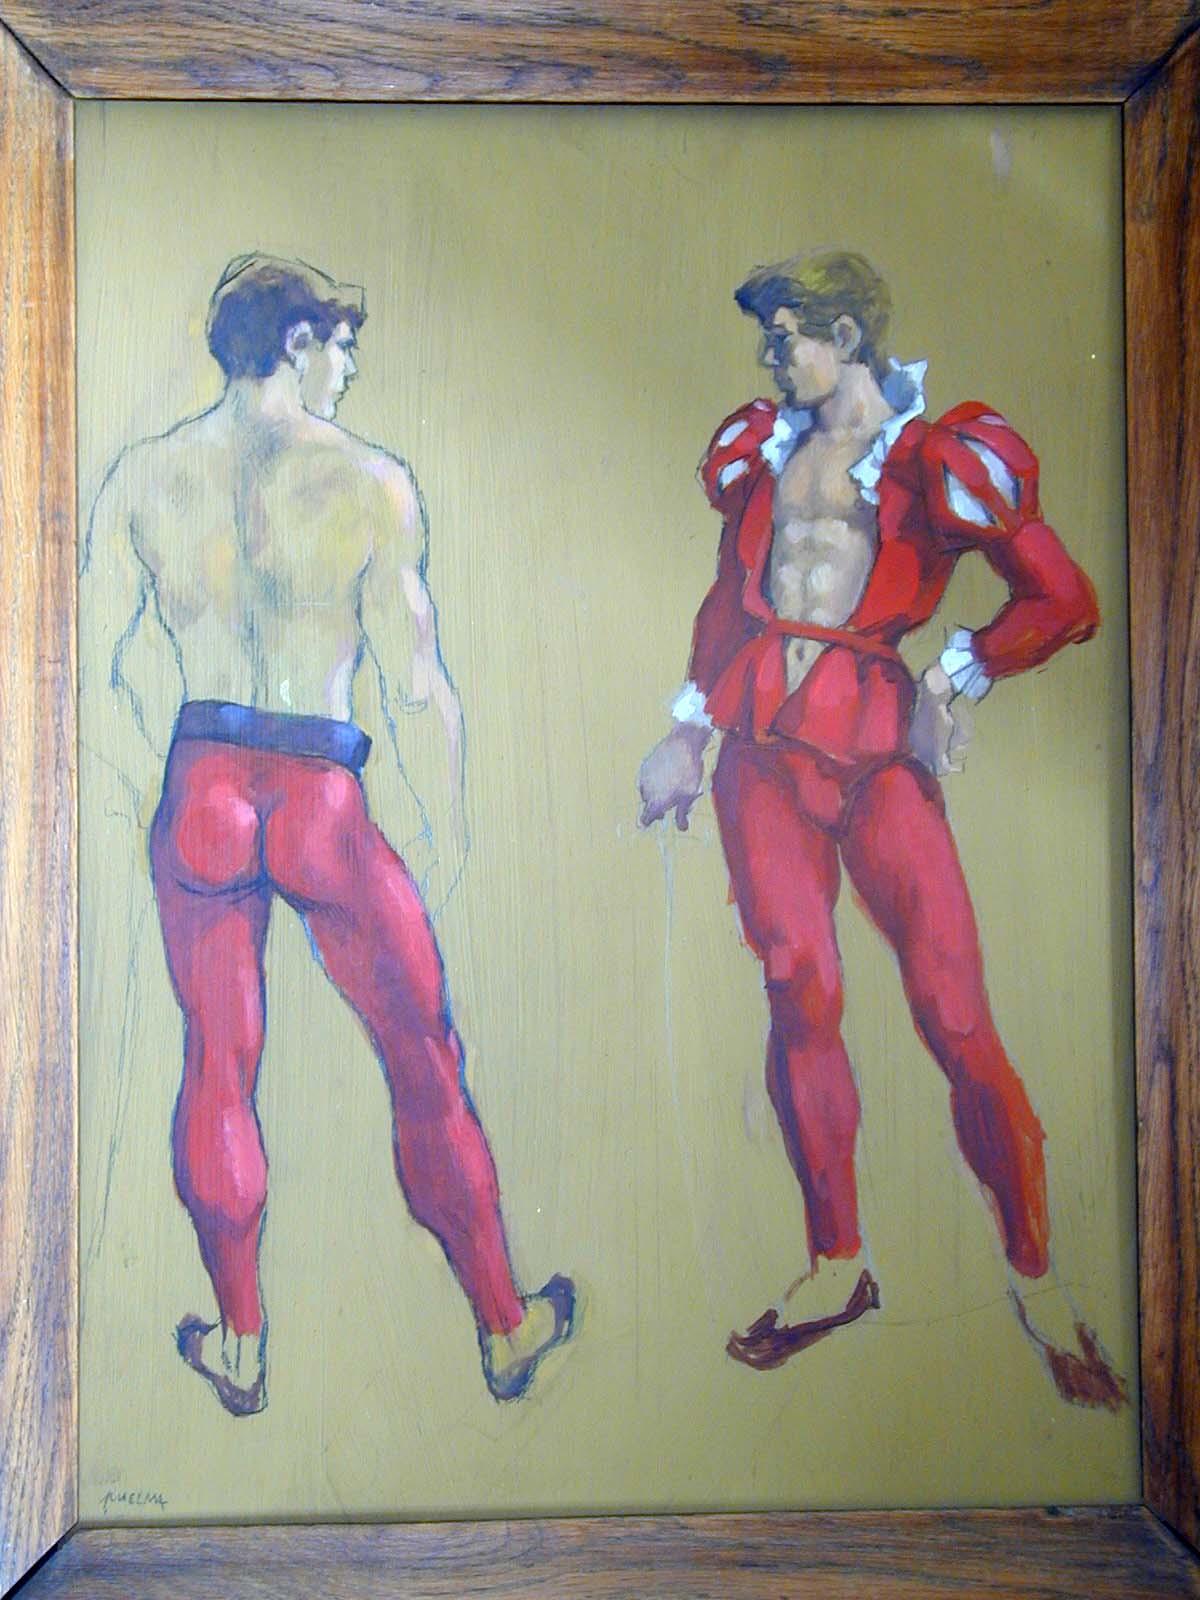 """Enrico Puelma (""""Rico""""): """"Drei Männer in historischen Kostümen"""" (Trois hommes en costumes historiques). Cote: Sozarch_F_5005-Zx-014"""